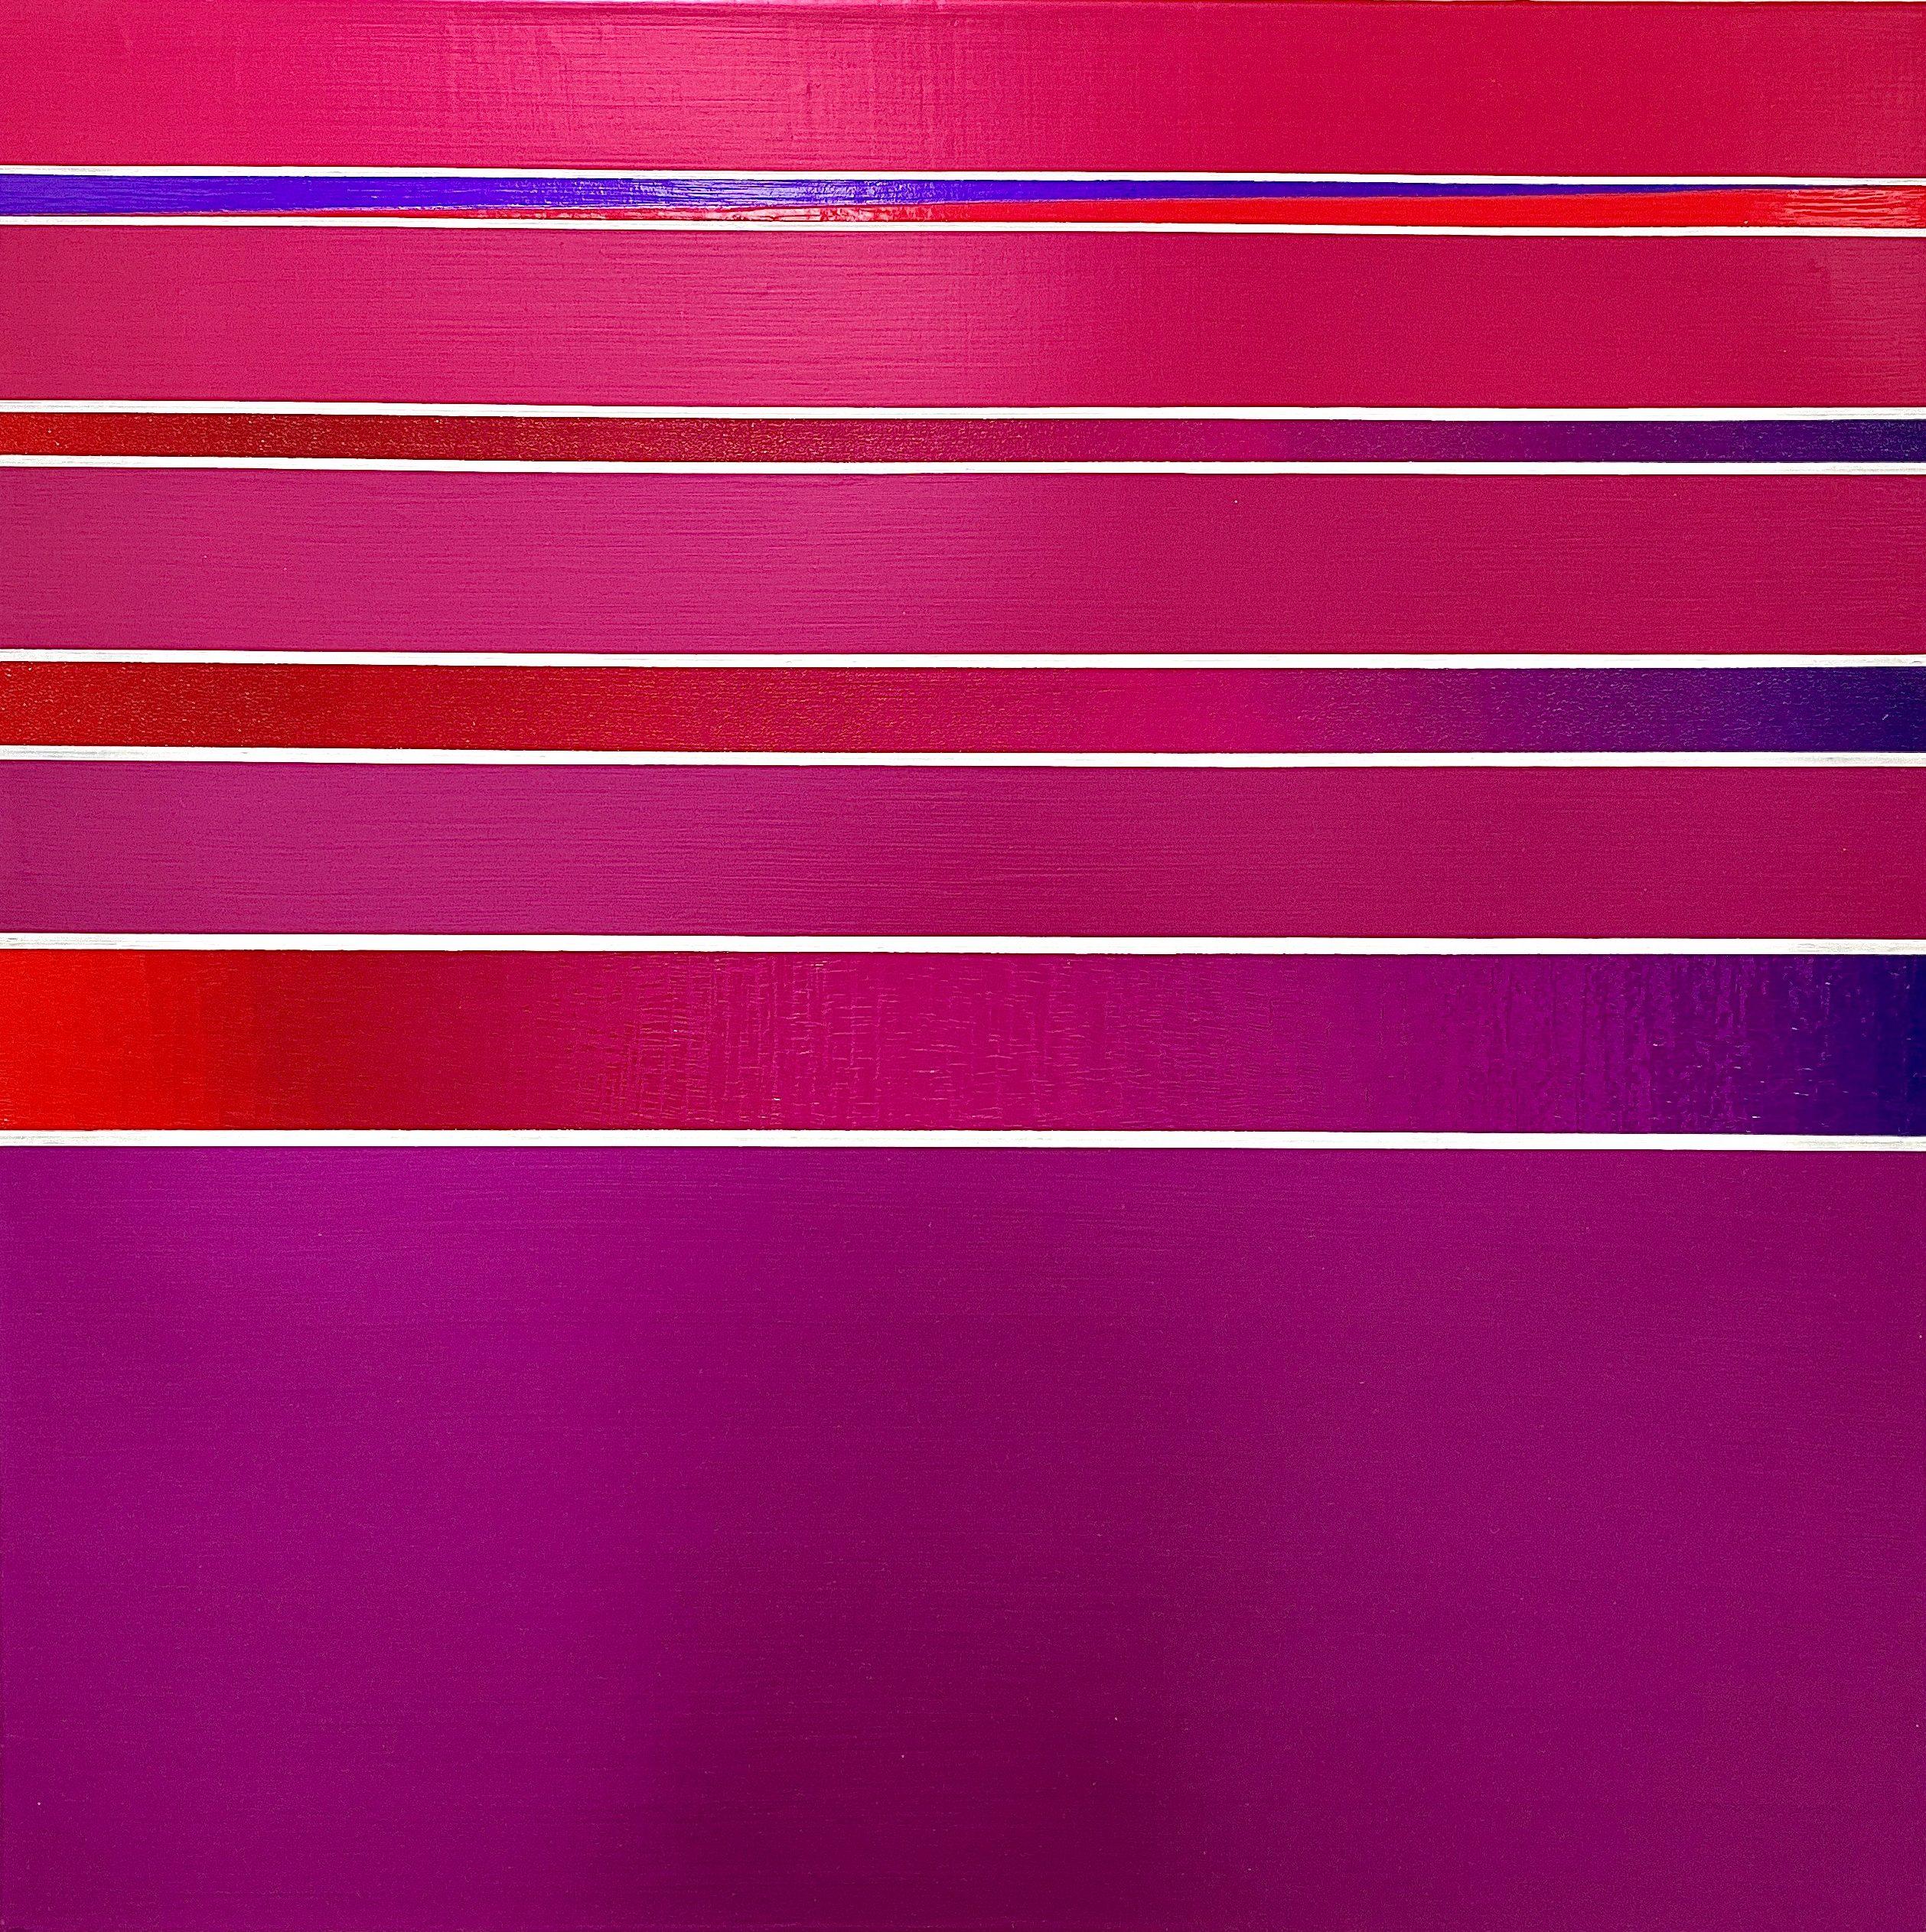 WAHRNEHMUNGSSTREIFEN 013 Leinwand : 70 x 70 x 2 cm Acrylic Oil on canvas